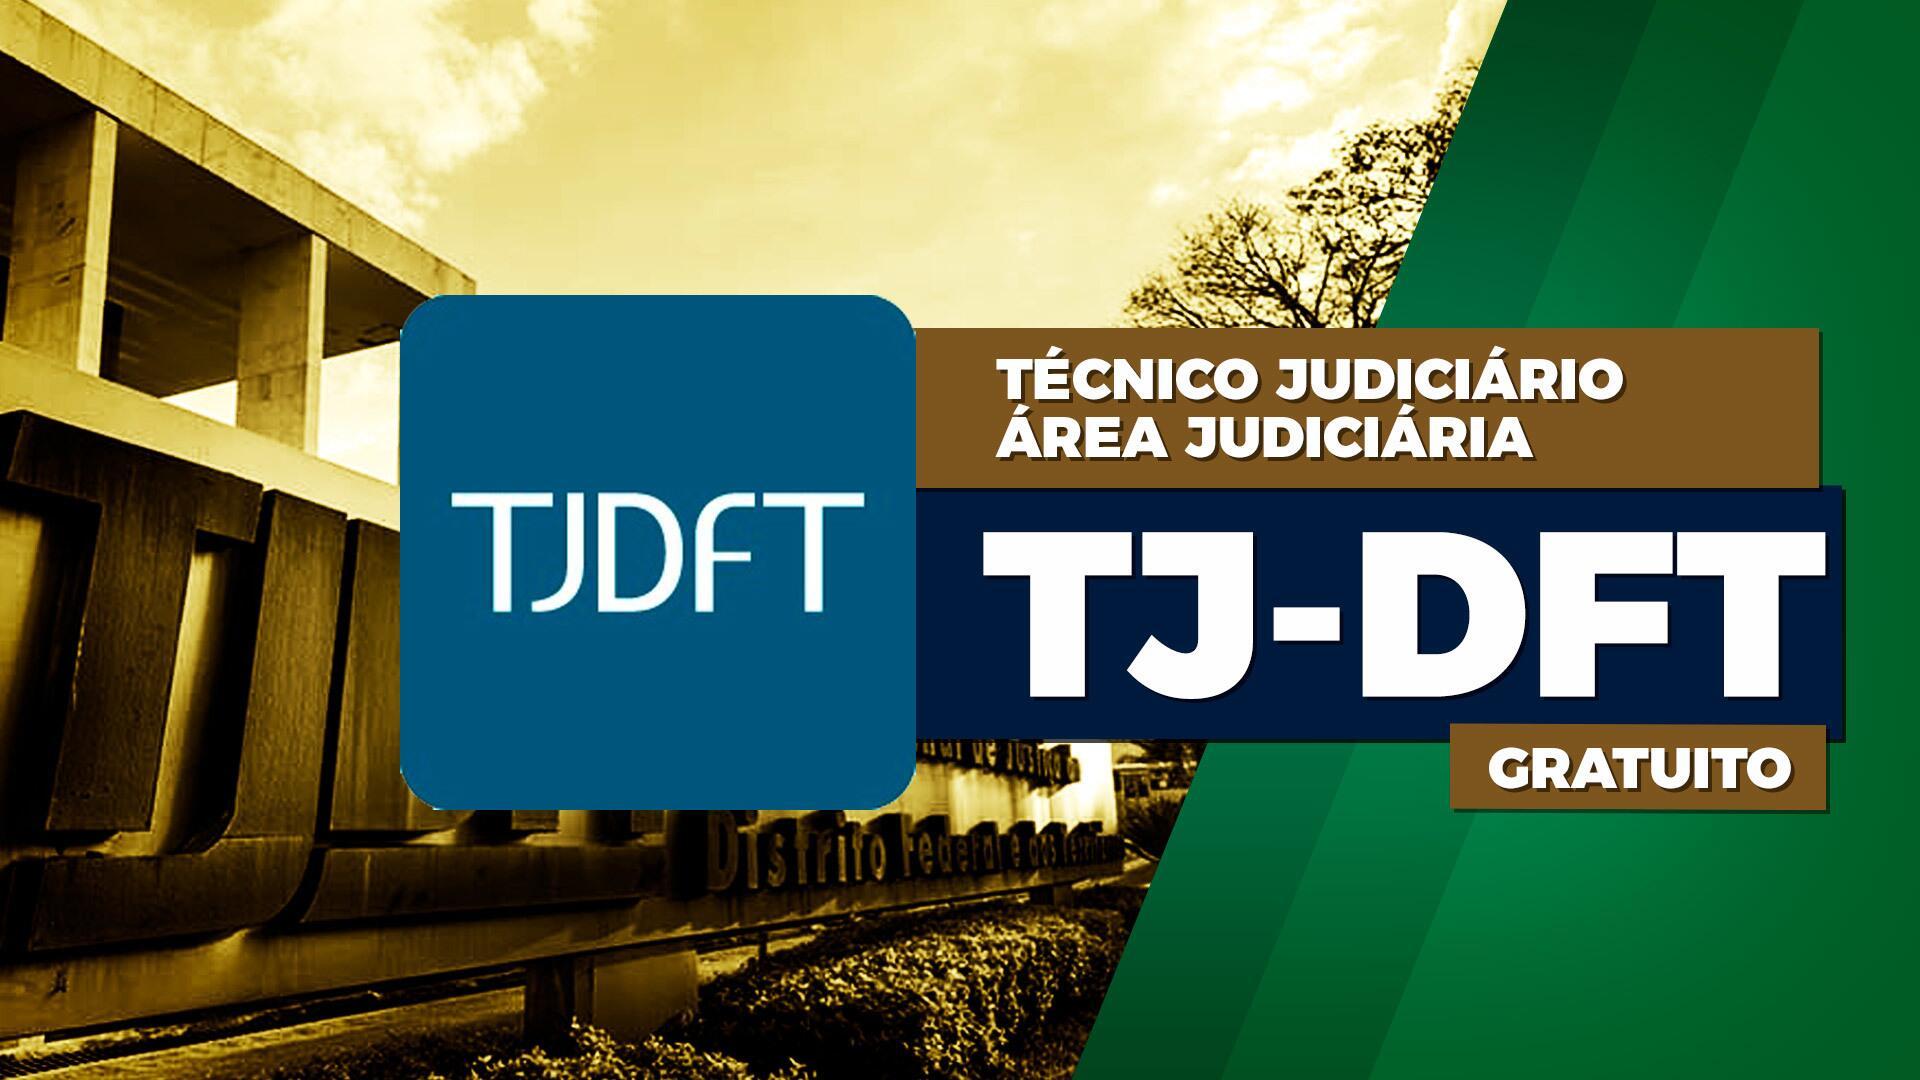 TJ DFT - Técnico Judiciário - Área Administrativa - GRATUITO